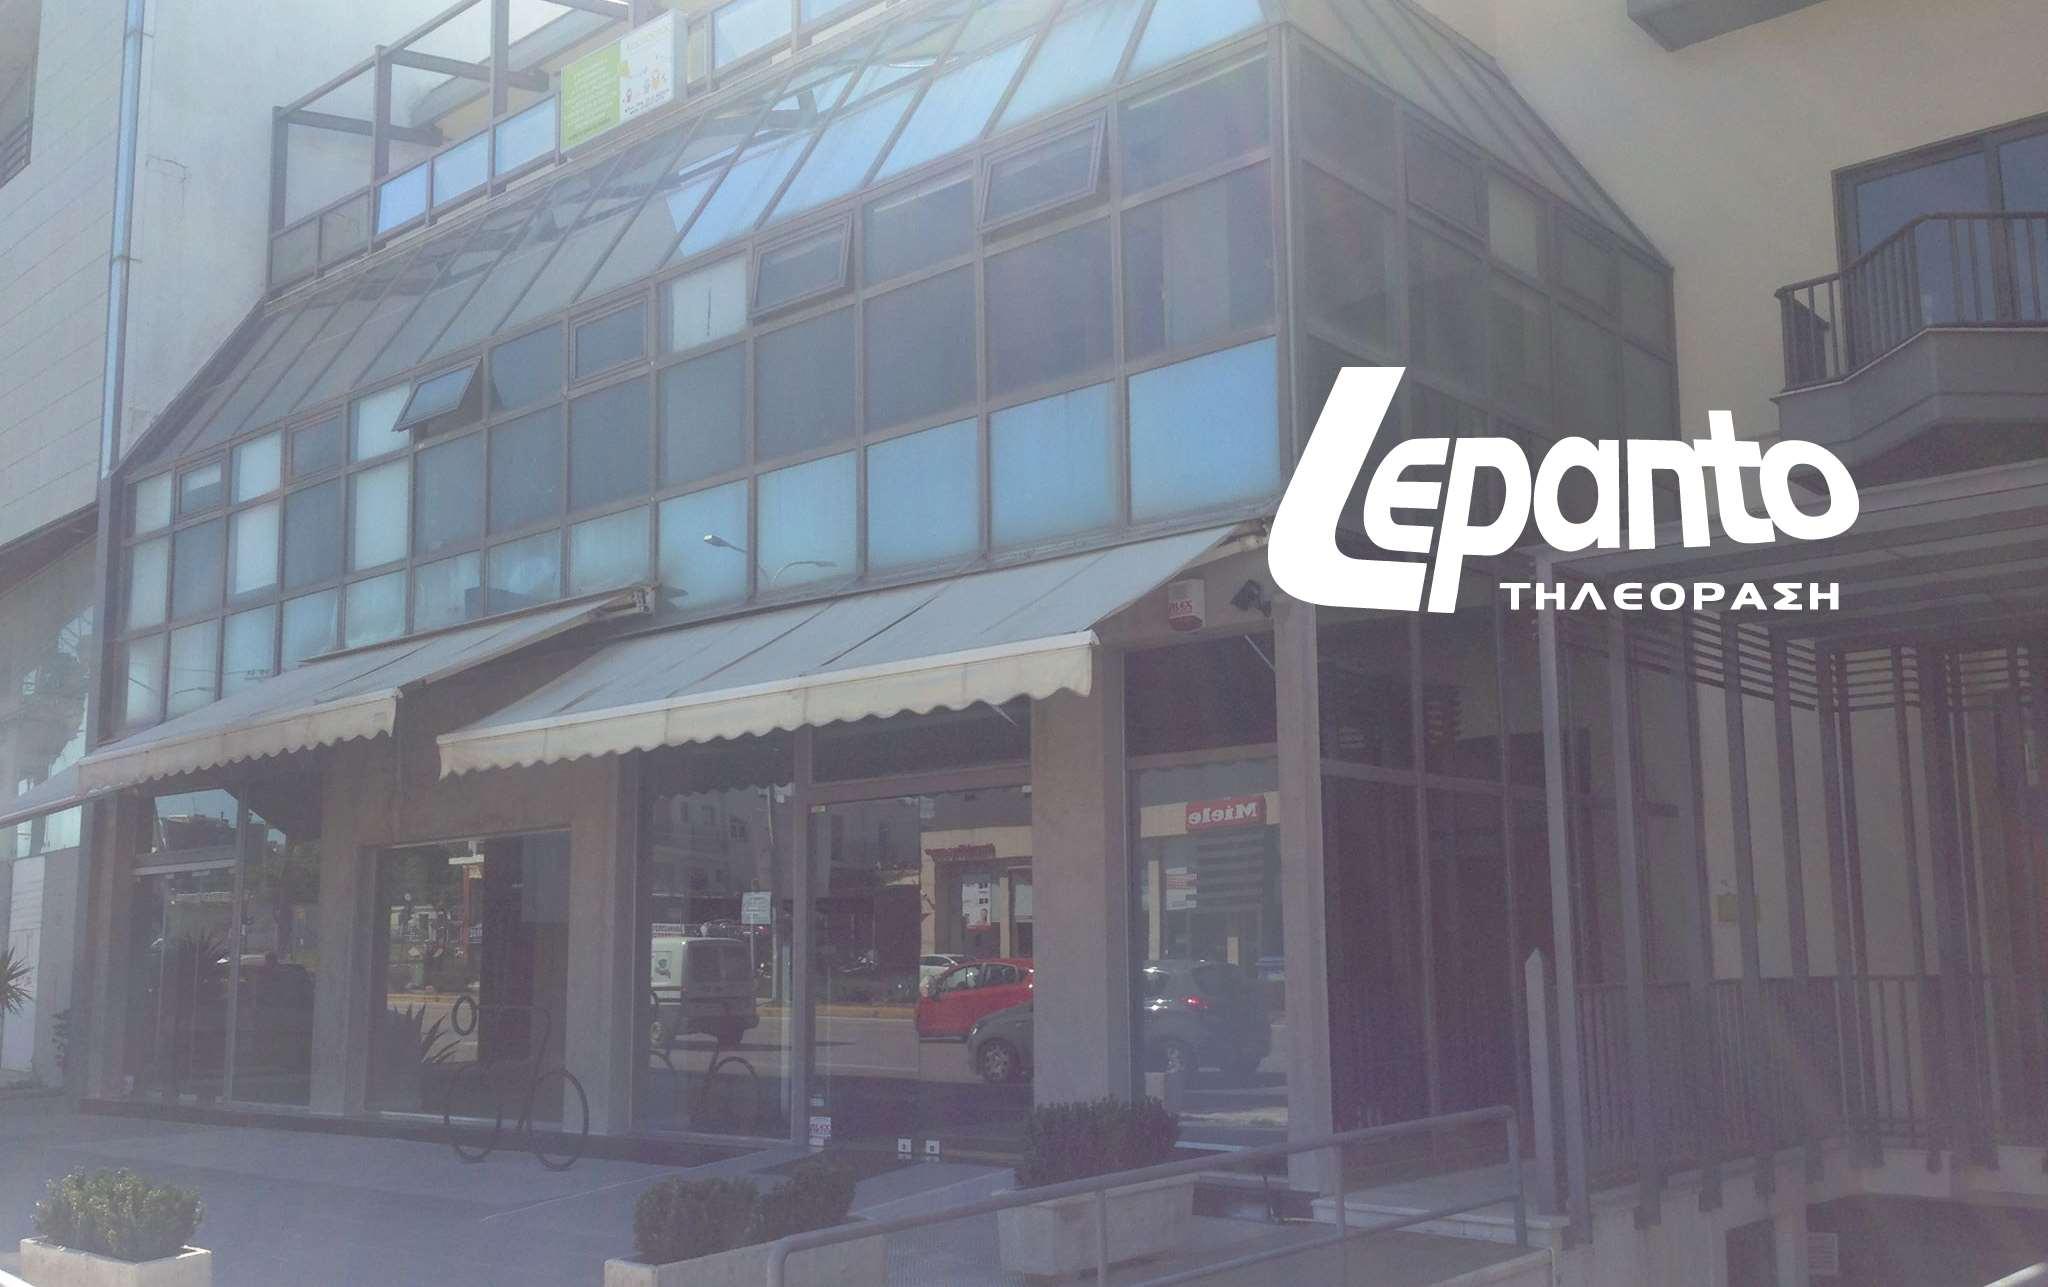 Νέα εποχή για το Lepanto - Μετακομίζει σε νέα γραφεία στη Νέα Εθνική οδό Πατρών - Αθηνών